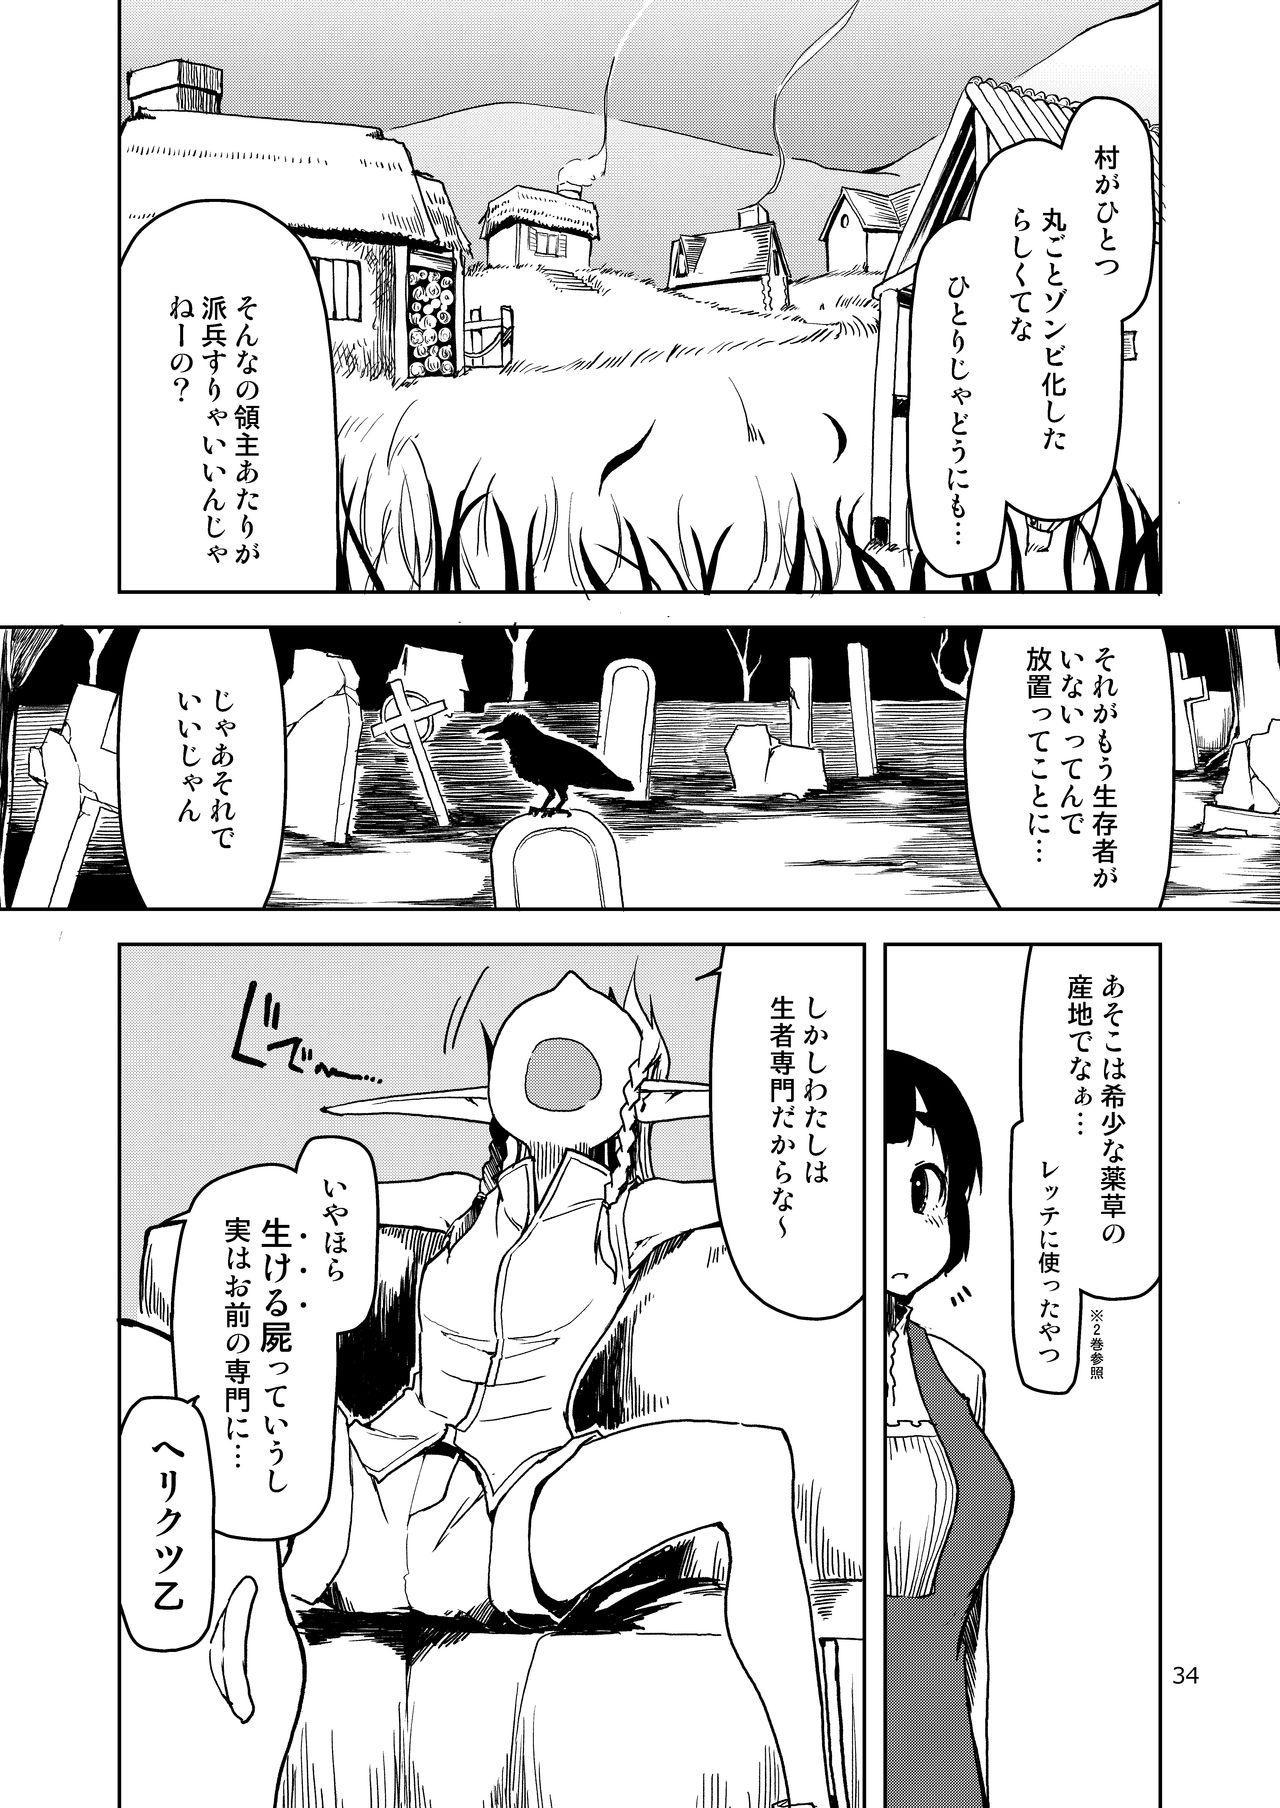 Dosukebe Elf no Ishukan Nikki Matome 2 34